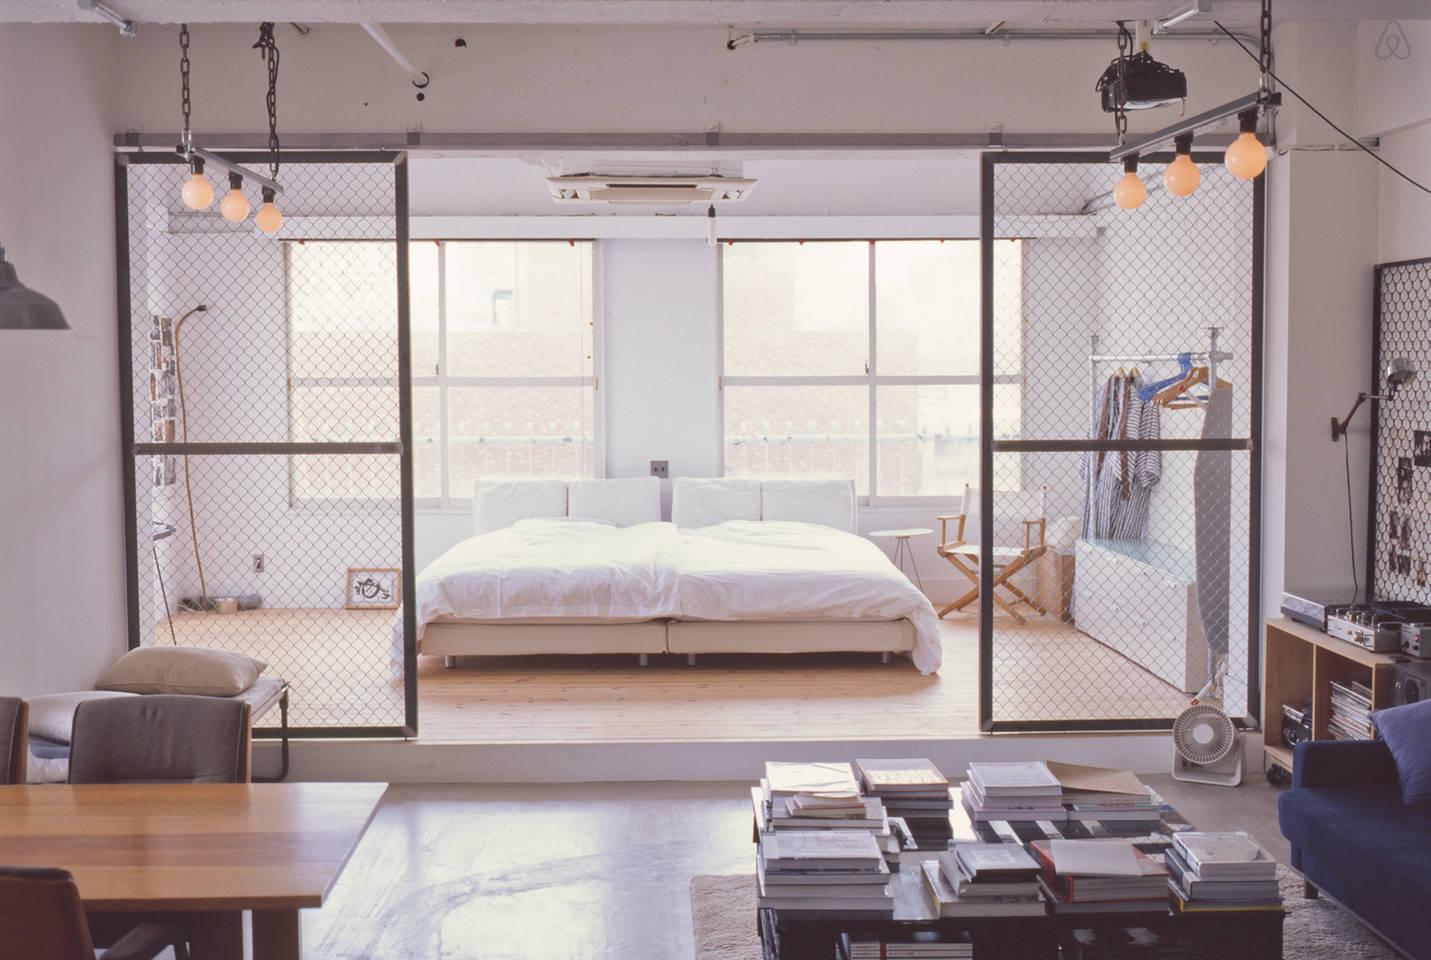 Inrichting Loft Inspiratie.Open Slaapkamer Van Loft In Tokyo Huis Inrichten Com